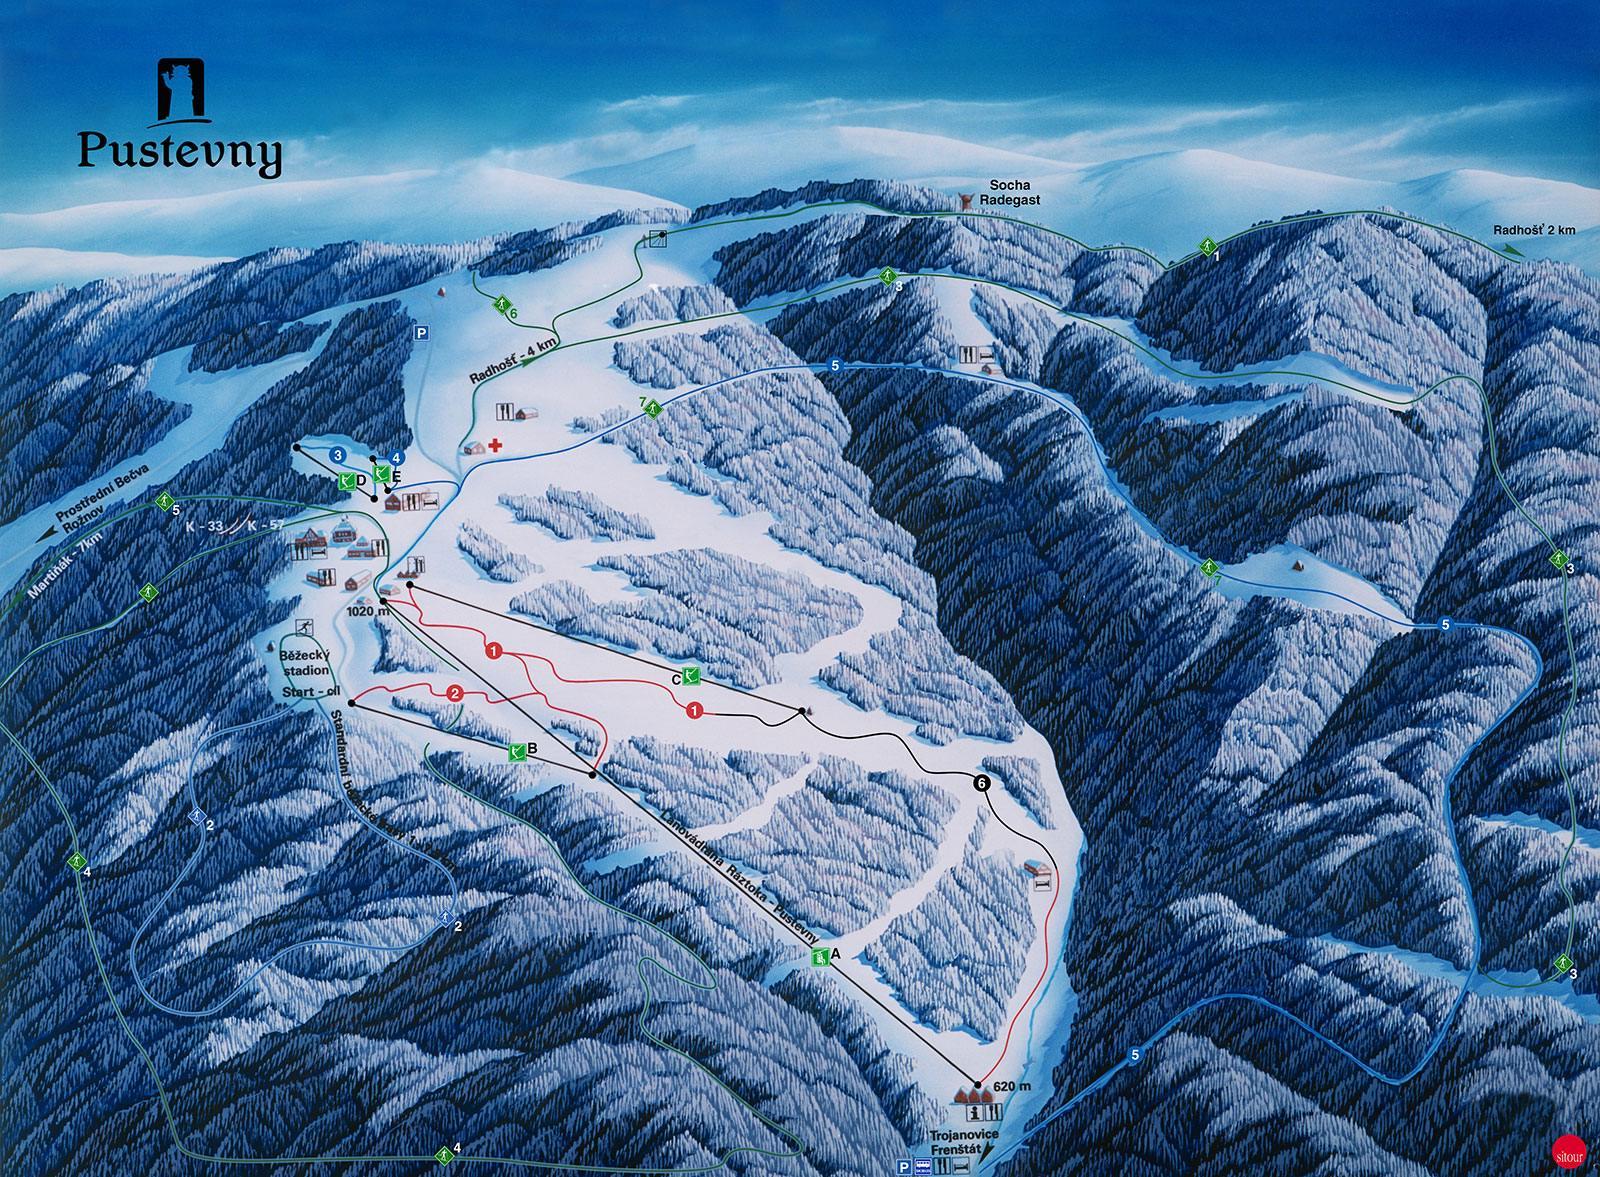 Skiareal  Pustevny (Pustewny)